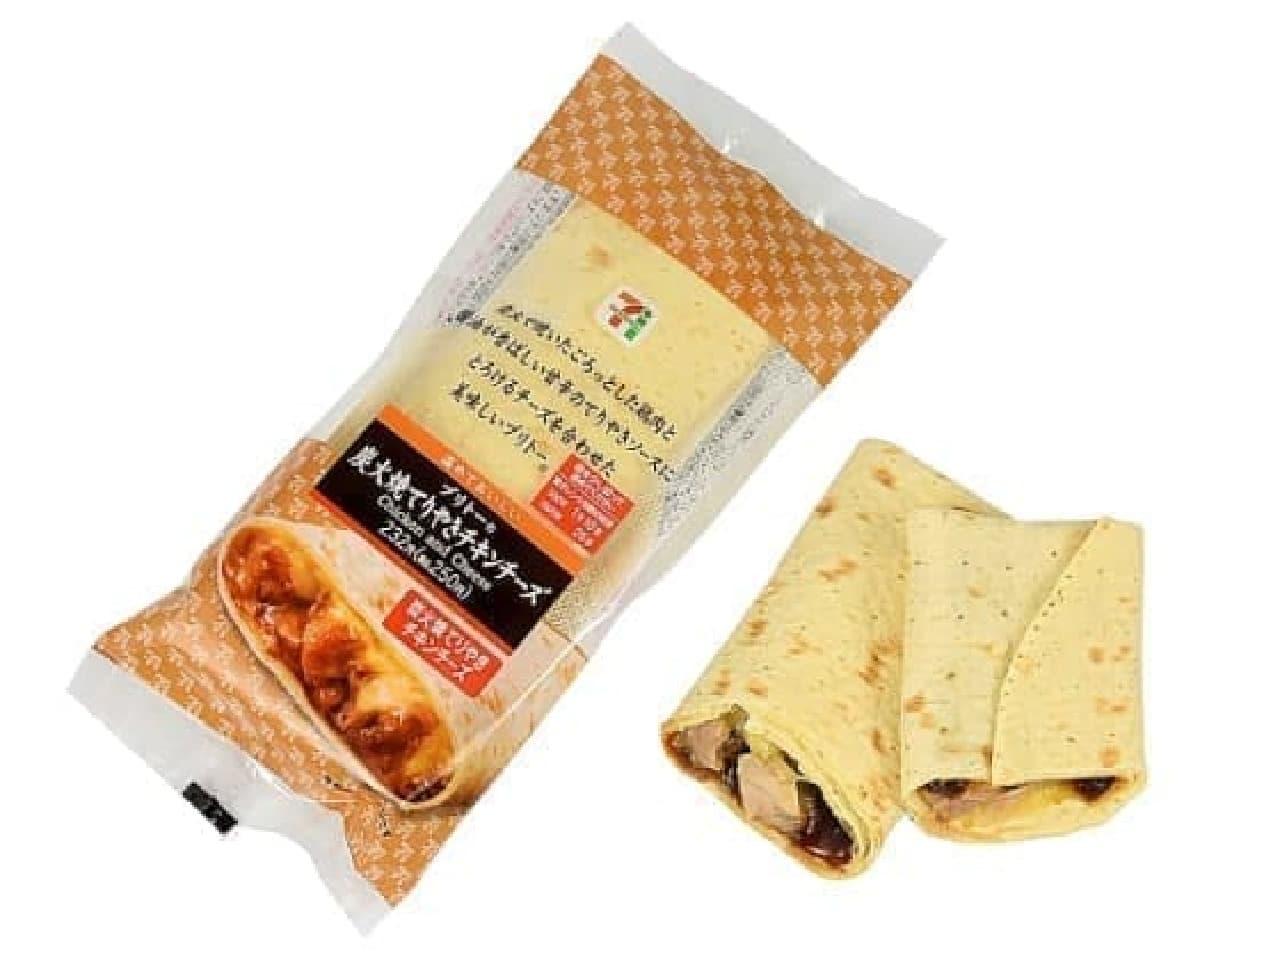 セブン-イレブン「ブリトー炭火焼てりやきチキンチーズ」